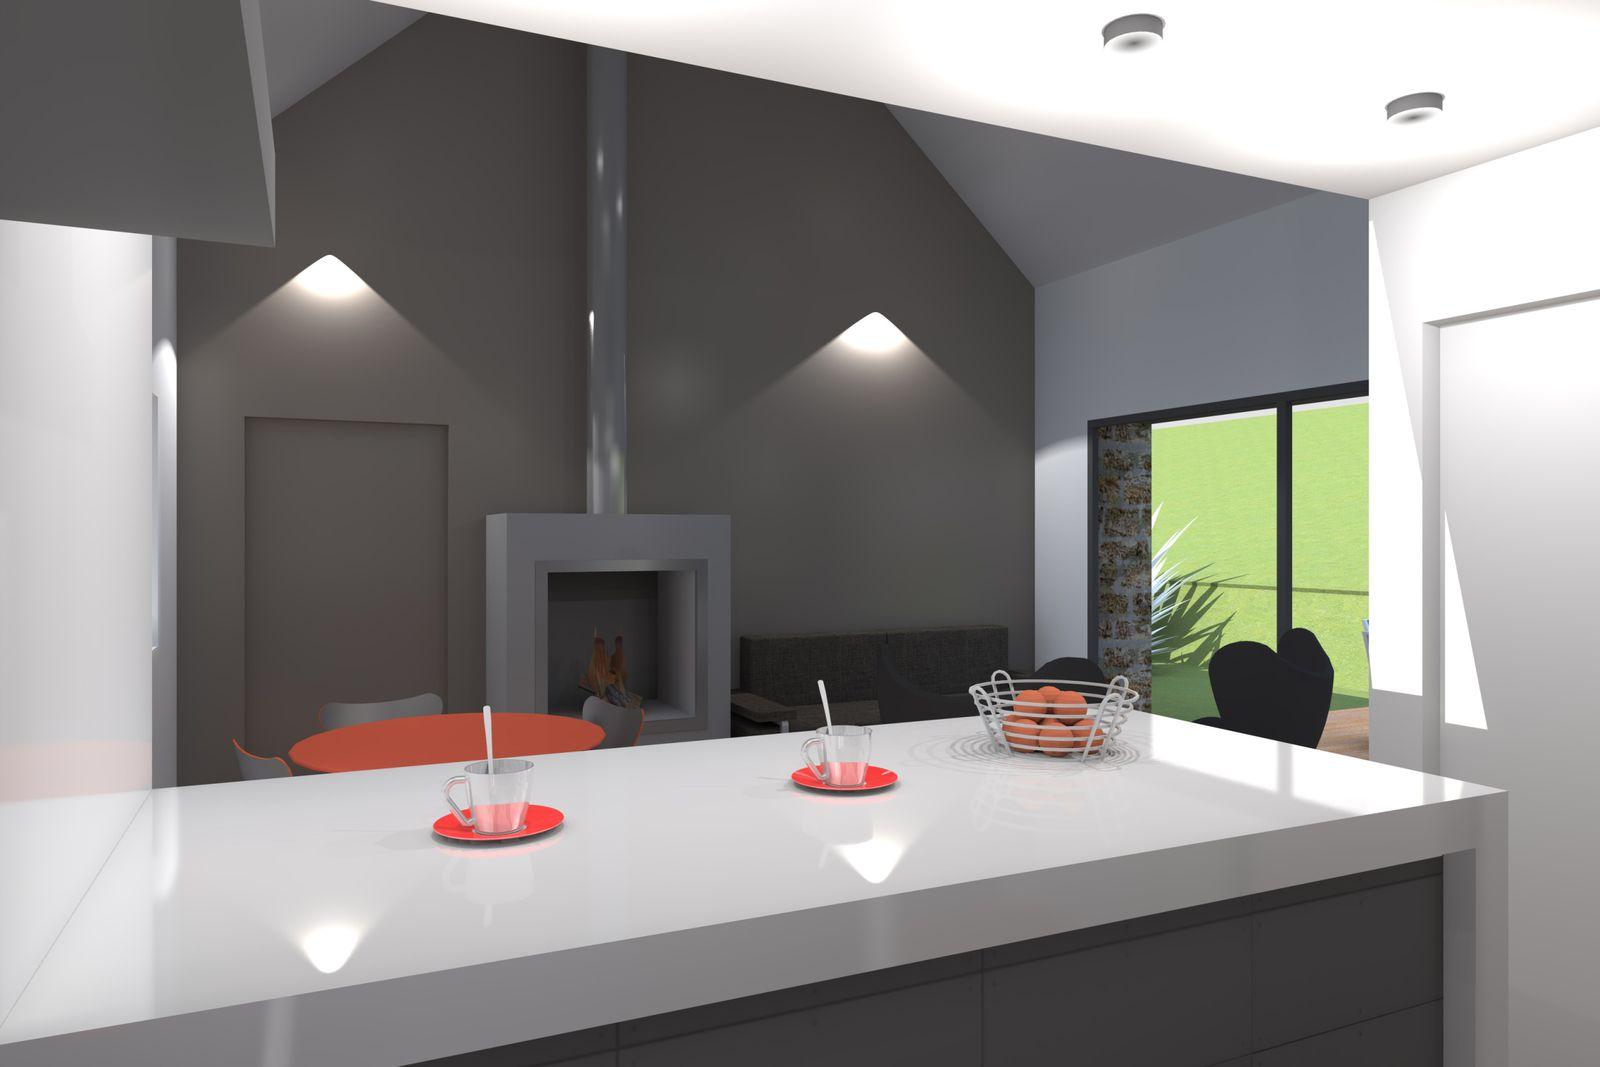 Decoration Interieur Longere | Interieur Longere